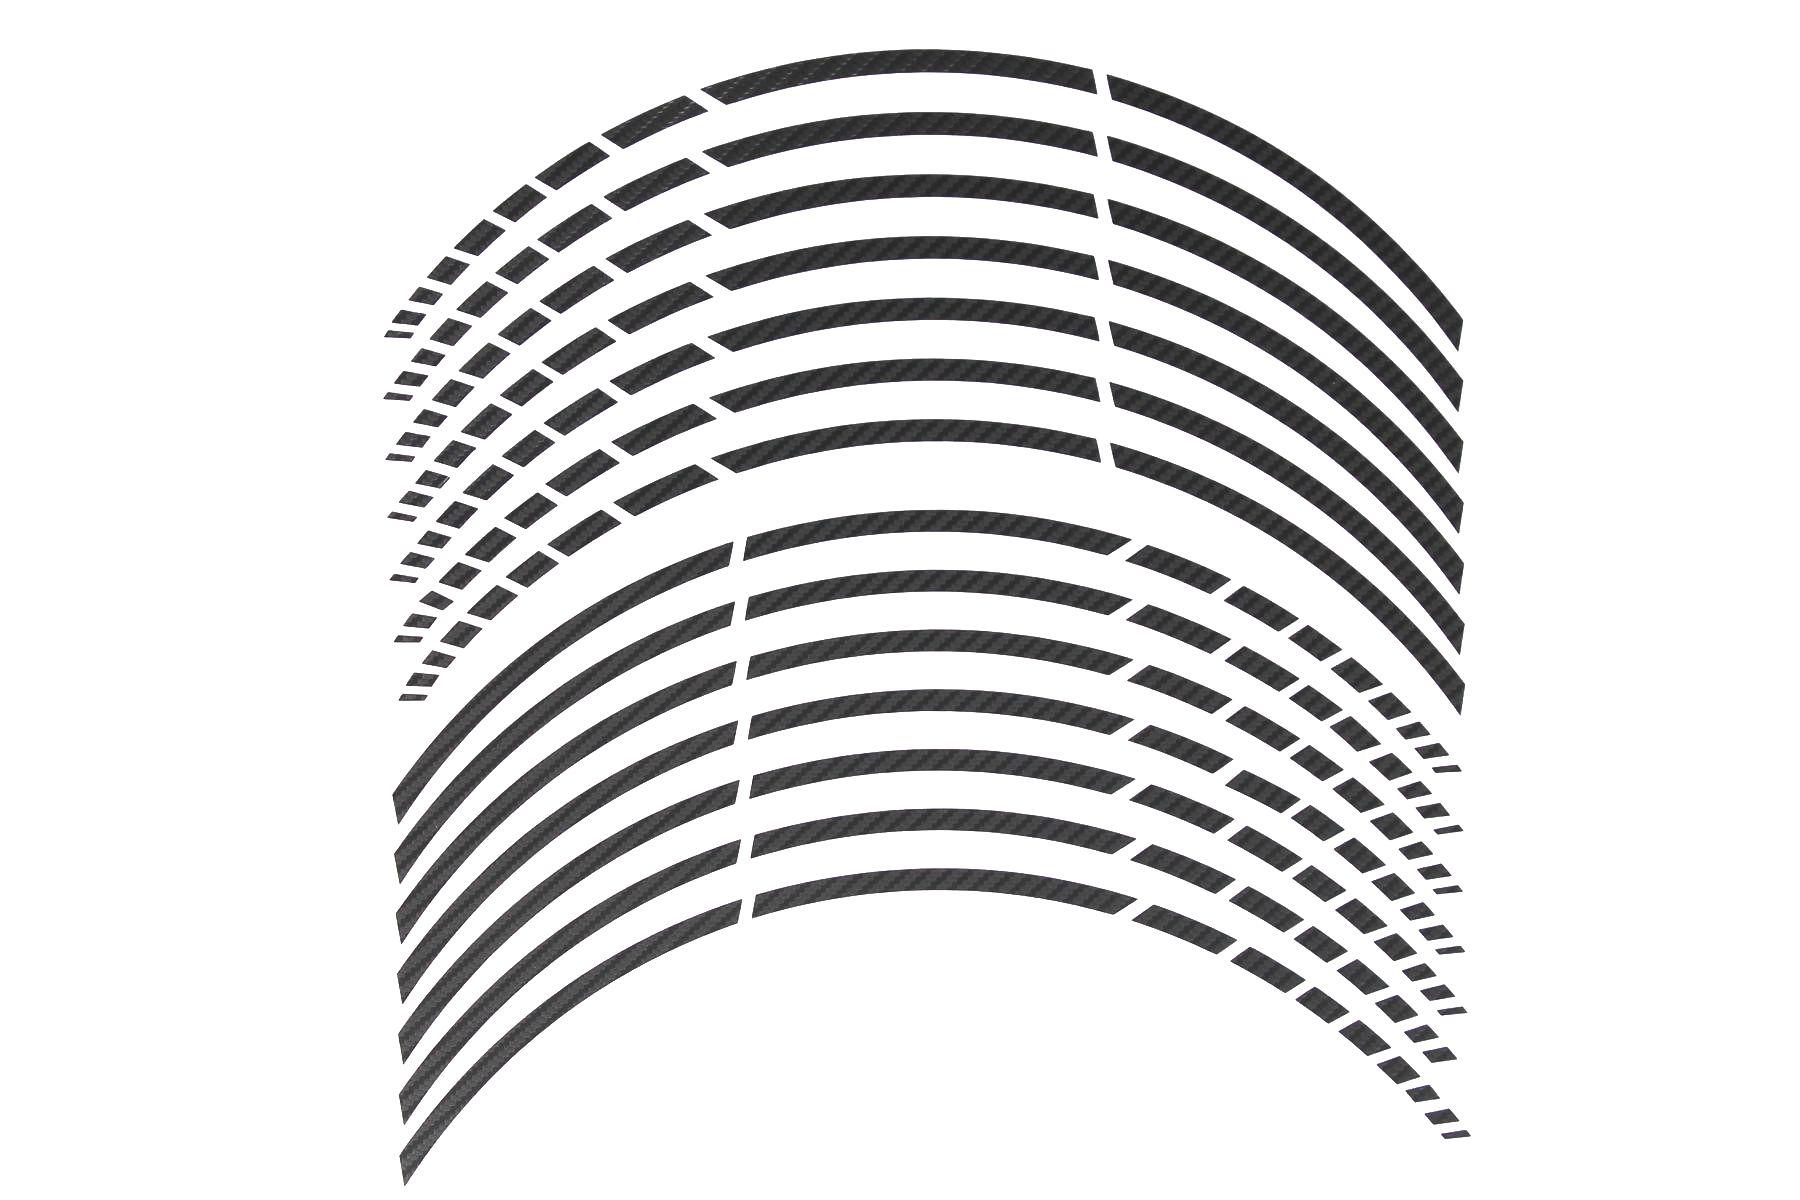 Gp 16 Felgenaufkleber In Der Farbe Carbon Schwarz